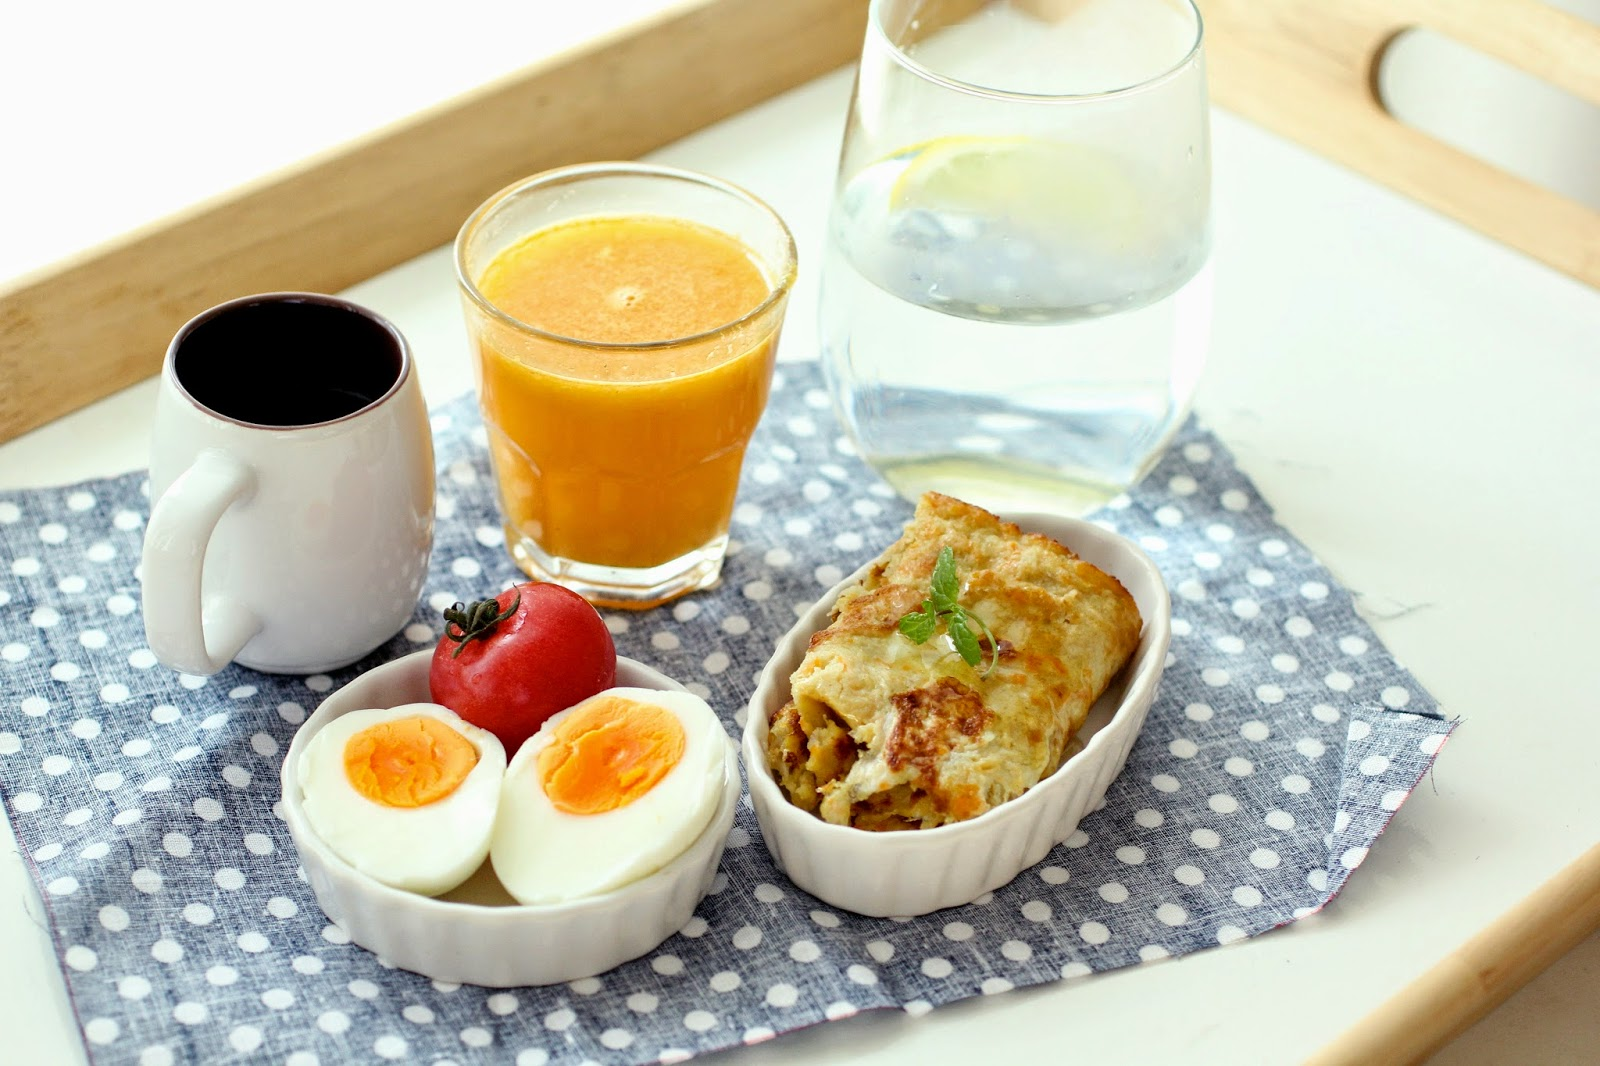 zdrowe odżywianie jak polubić